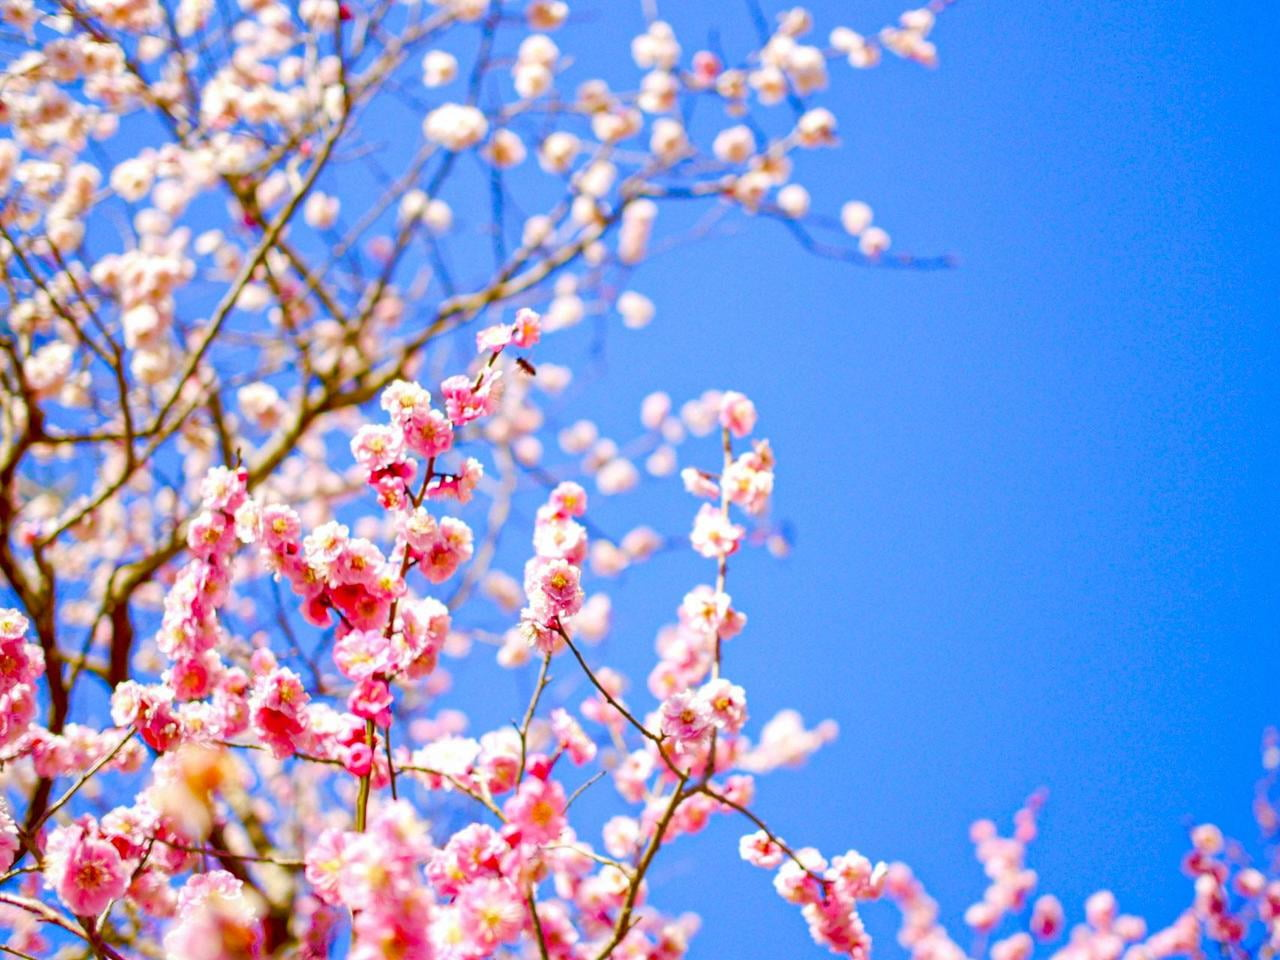 【兵庫・たつの】梅の名所まとめ2020!綾部山梅林/世界の梅公園(みつ梅まつり)